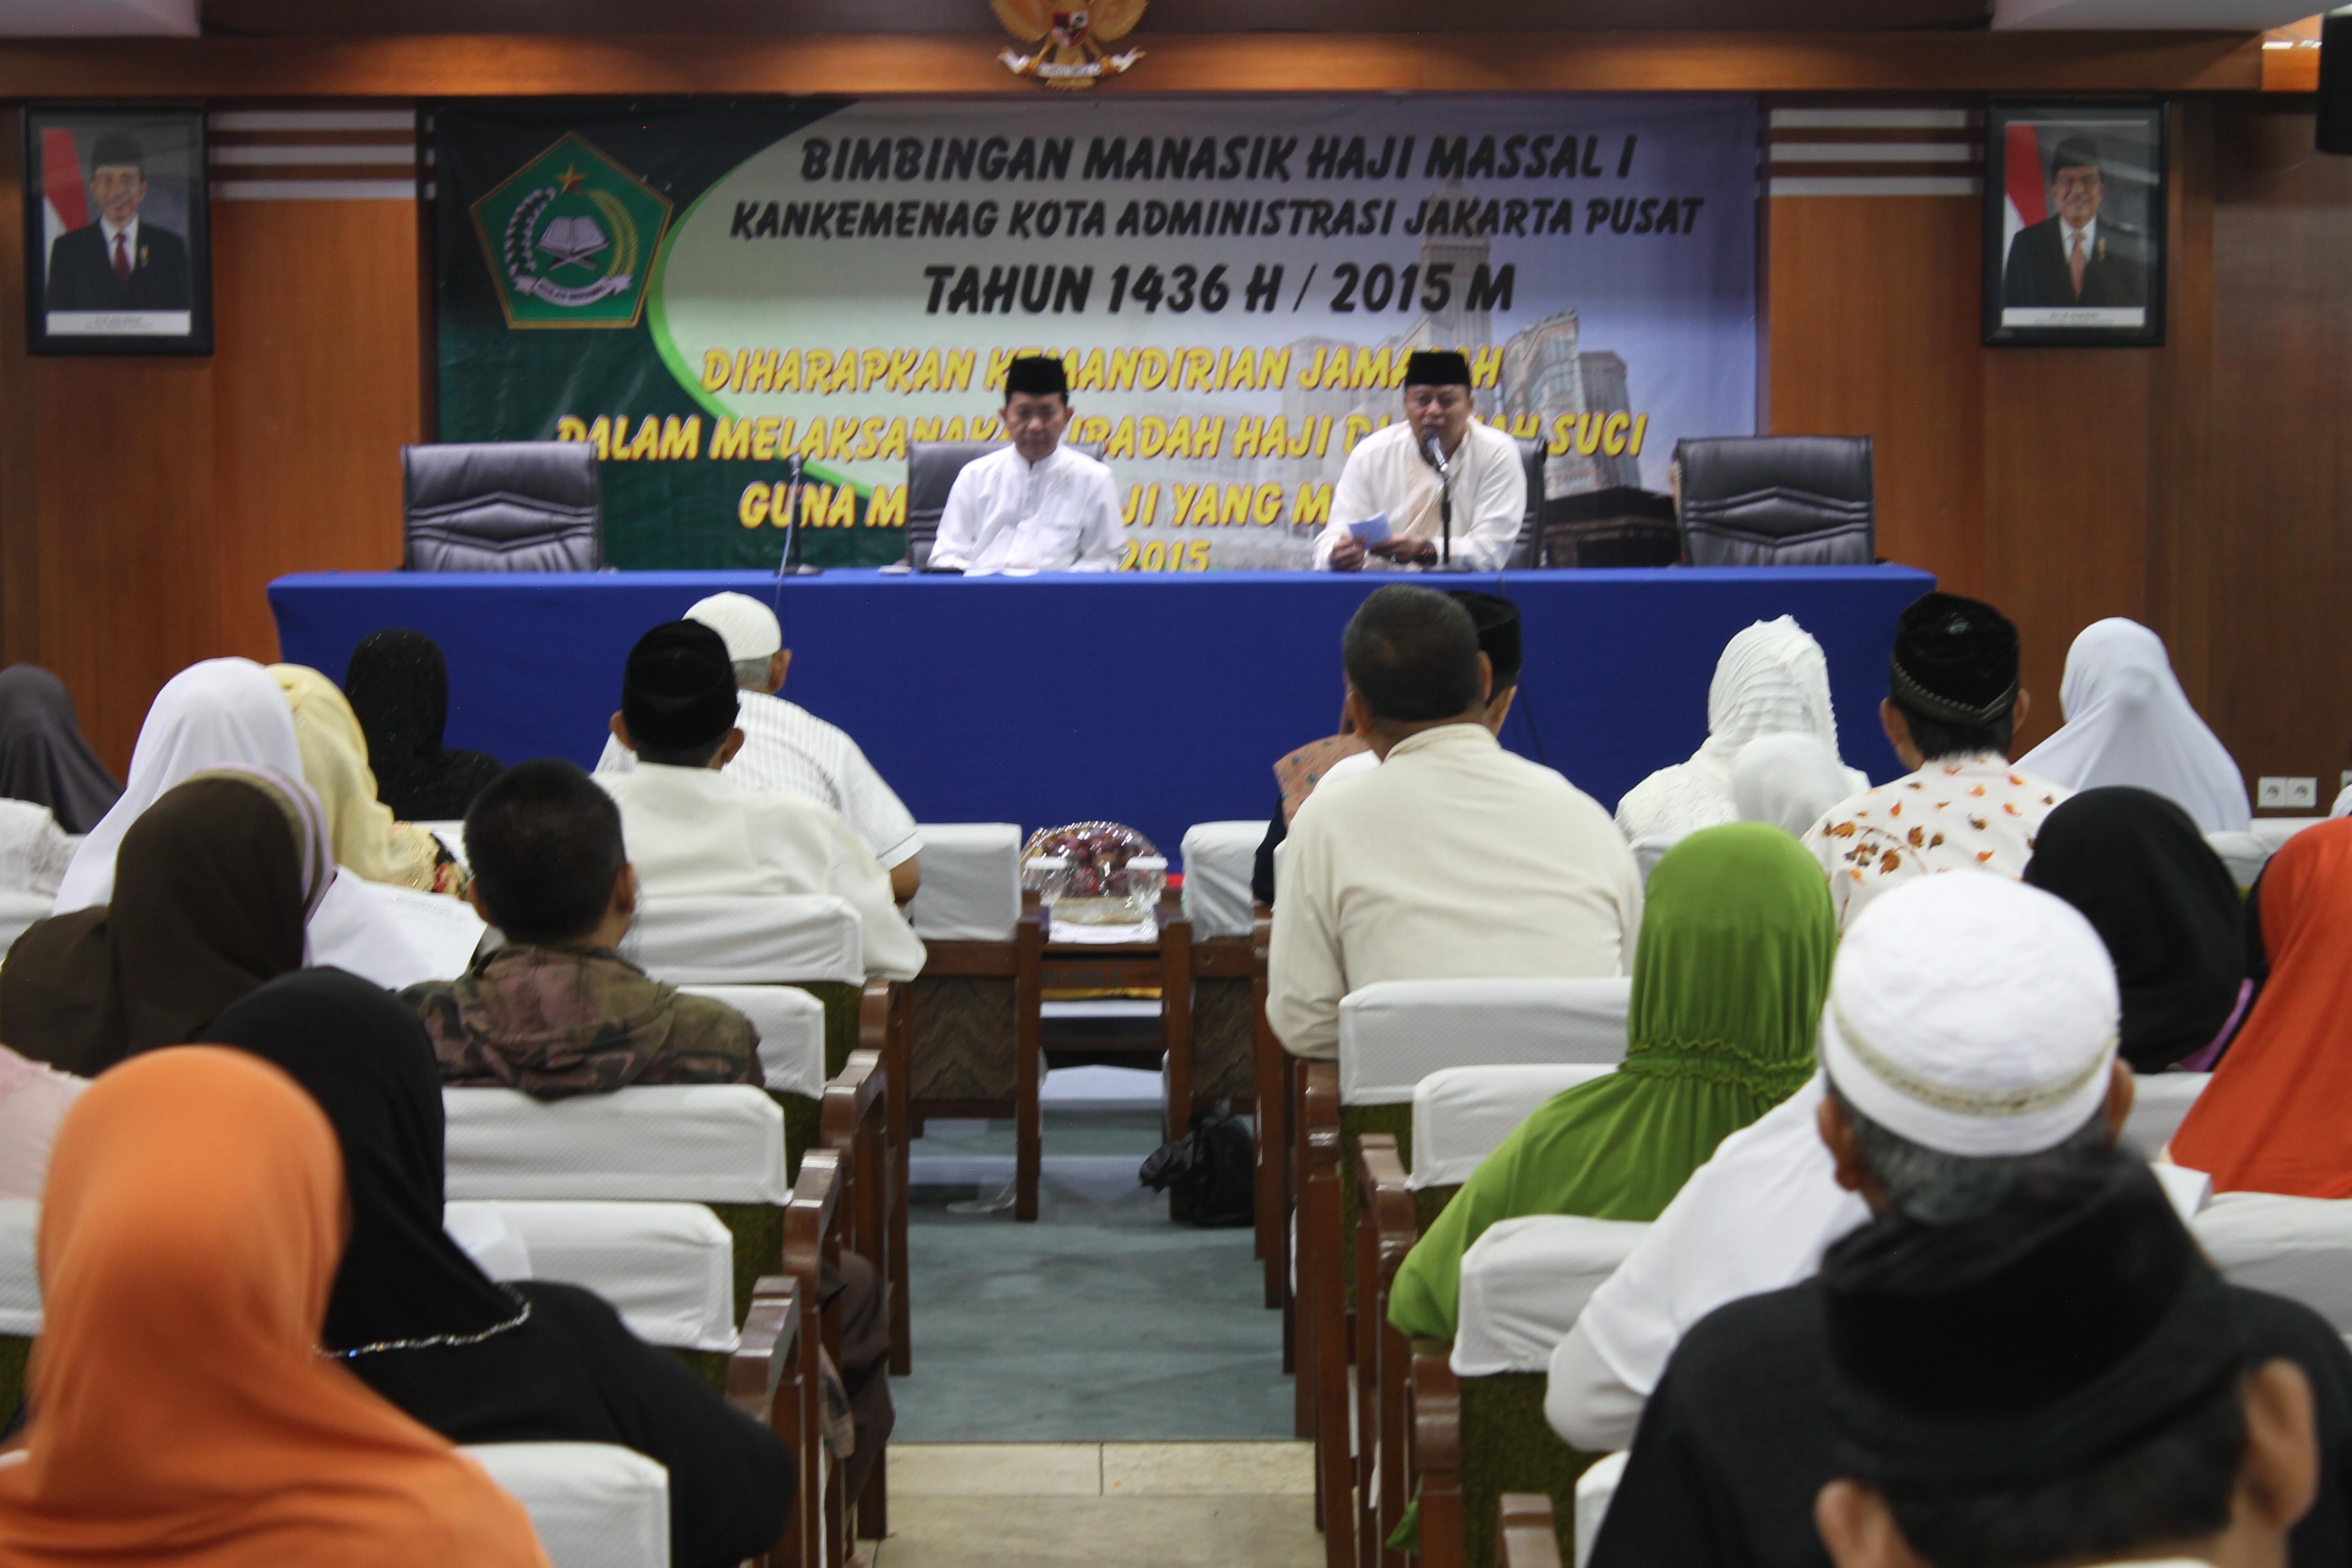 486 Calon Jemaah Haji Asal Jakarta Pusat Ikuti Bimbingan Manasik